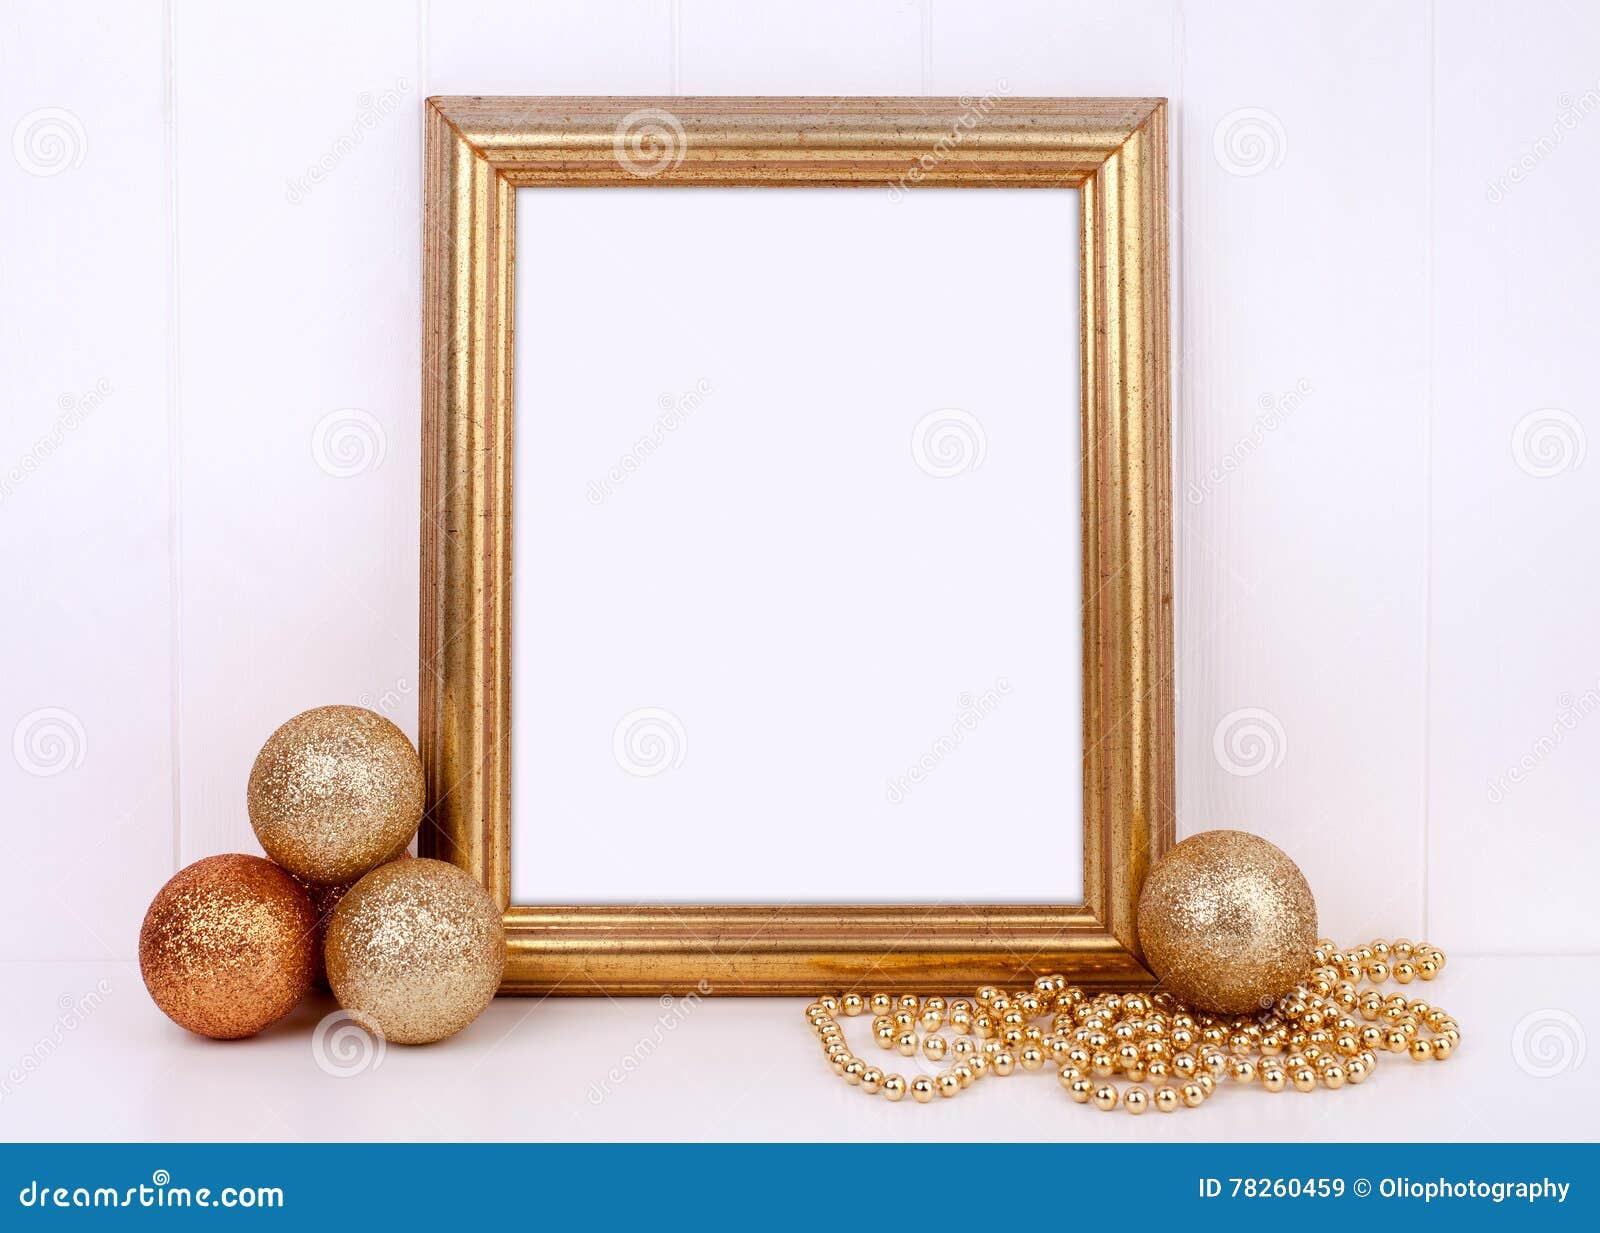 Ορισμένη φωτογραφία αποθεμάτων Χριστουγέννων πρότυπο με το χρυσό πλαίσιο